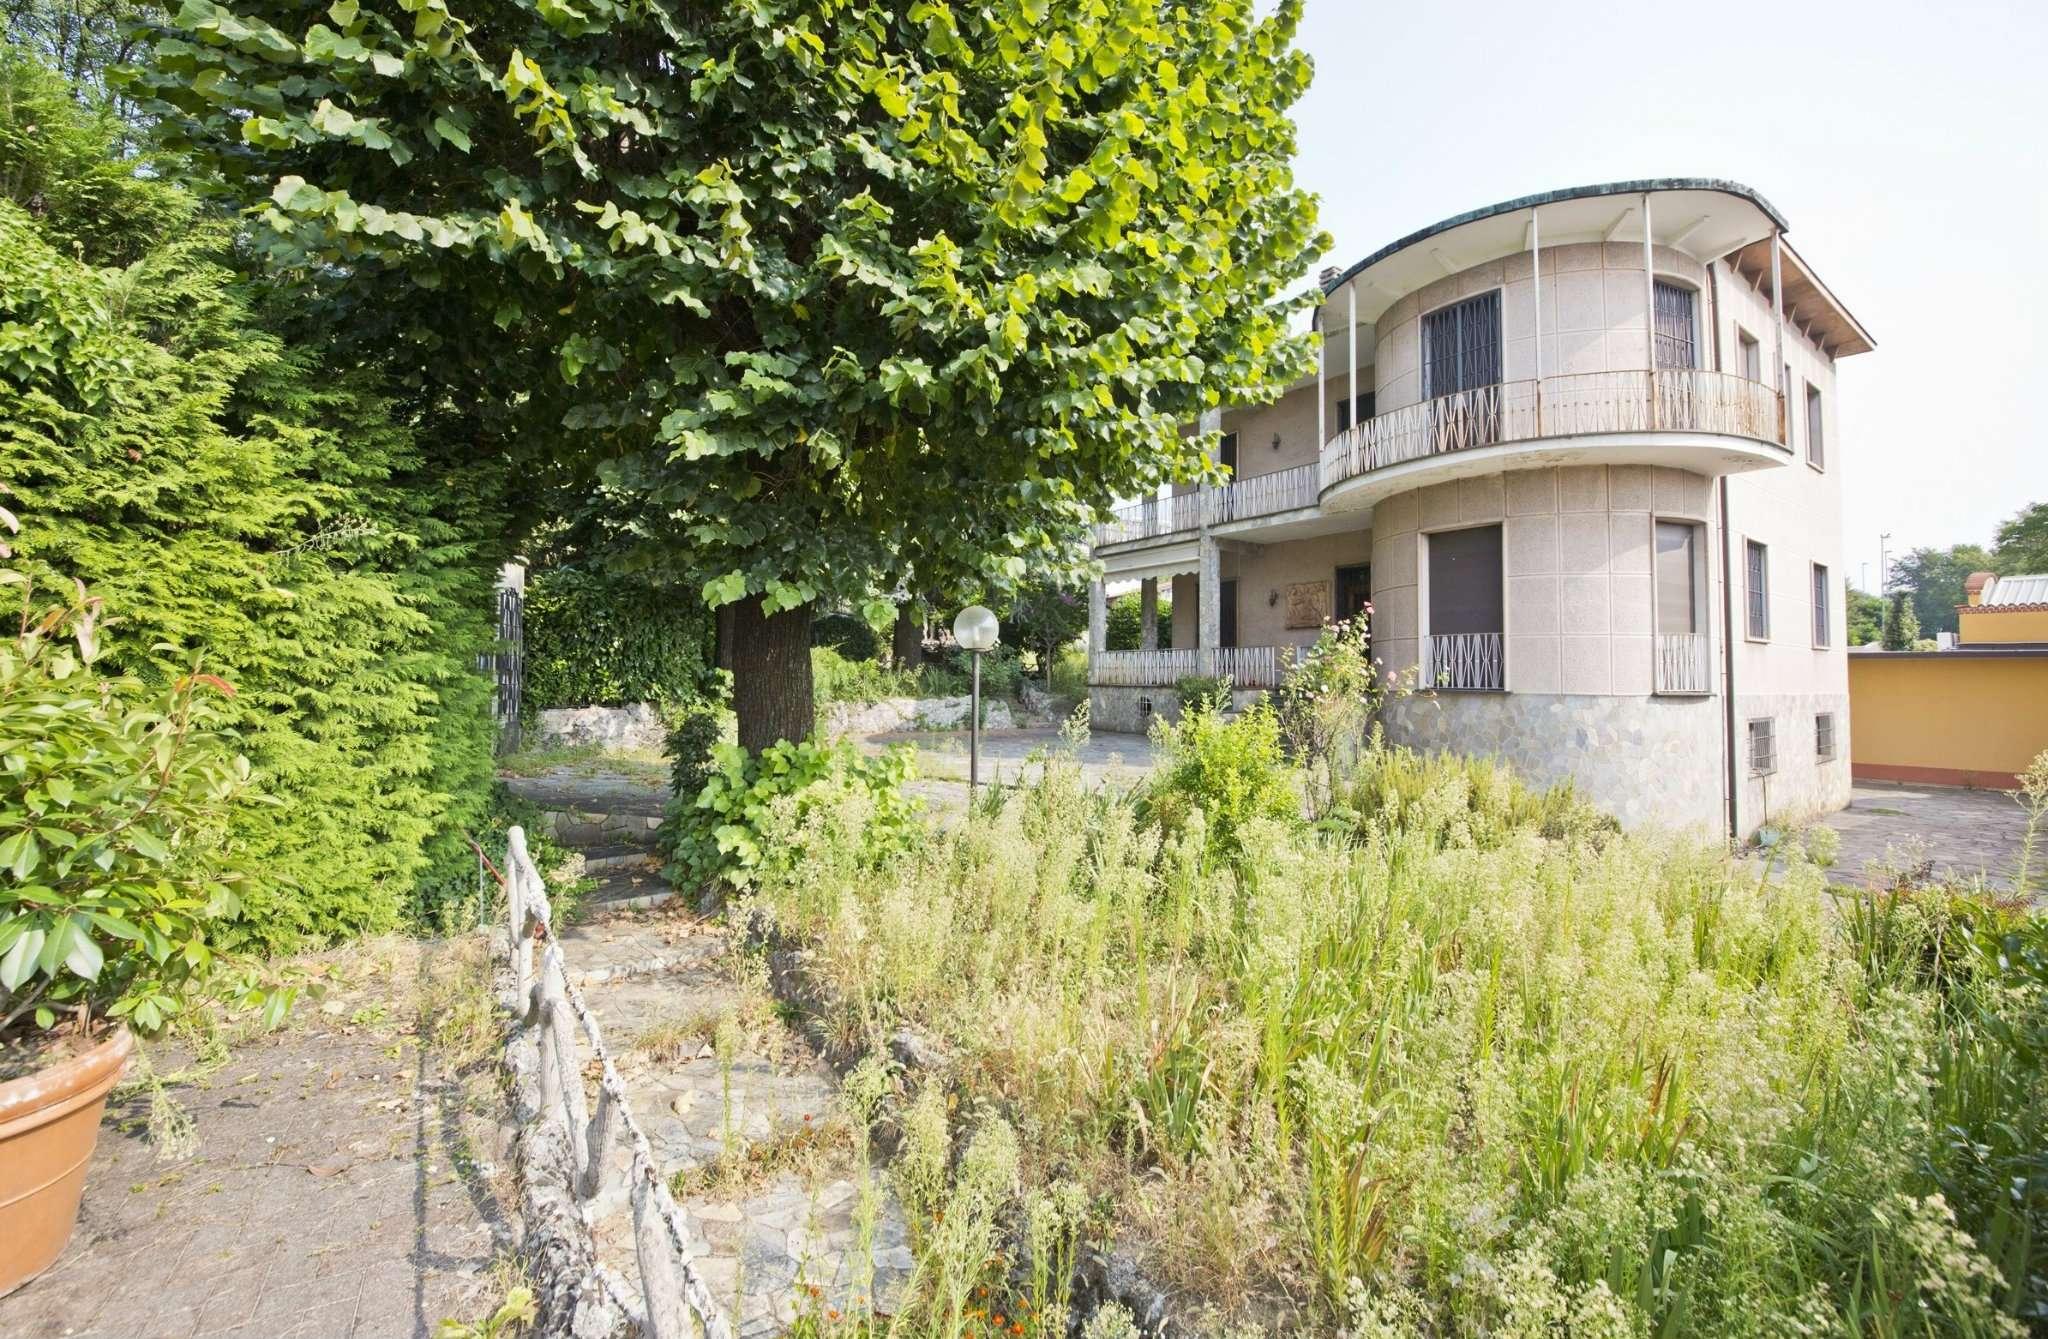 Villa in vendita a Carate Brianza, 18 locali, prezzo € 450.000   Cambio Casa.it